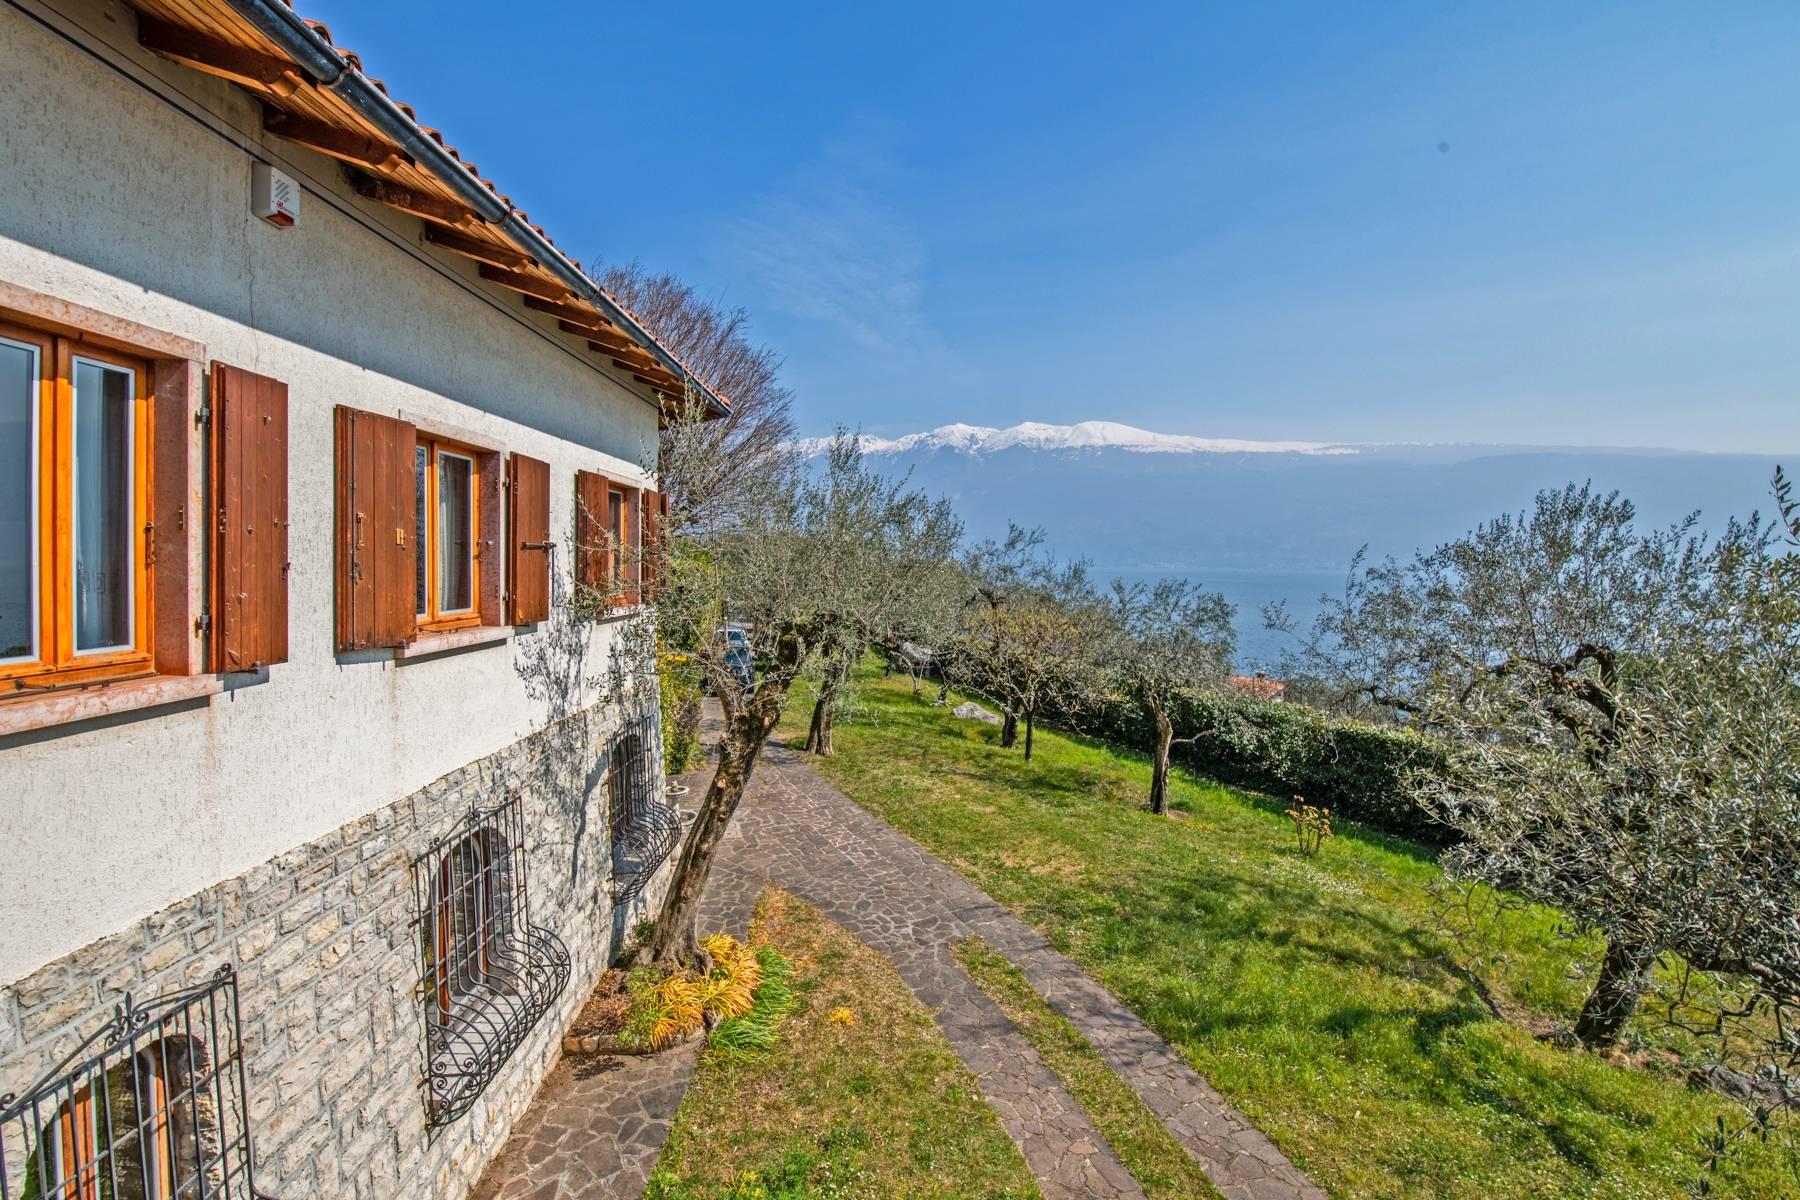 Villa in Vendita a Gargnano: 5 locali, 330 mq - Foto 3